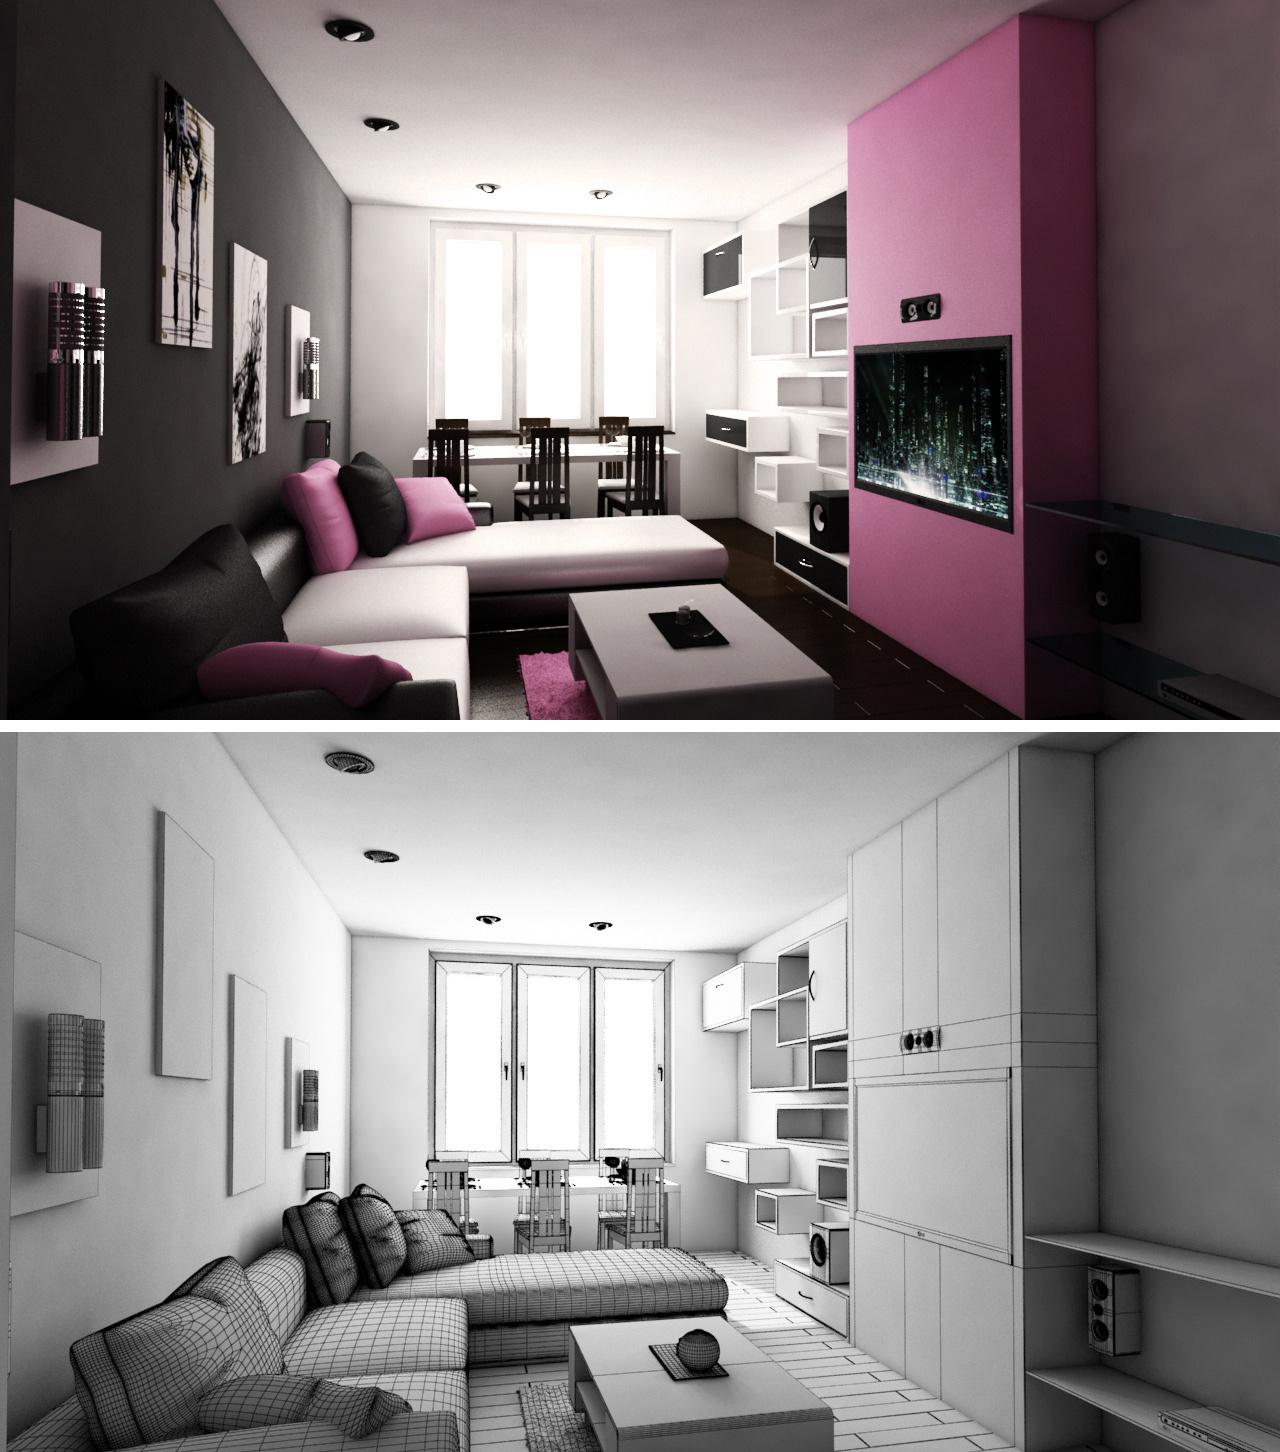 Shano interior design 02 1 b4f53ab4 umbc